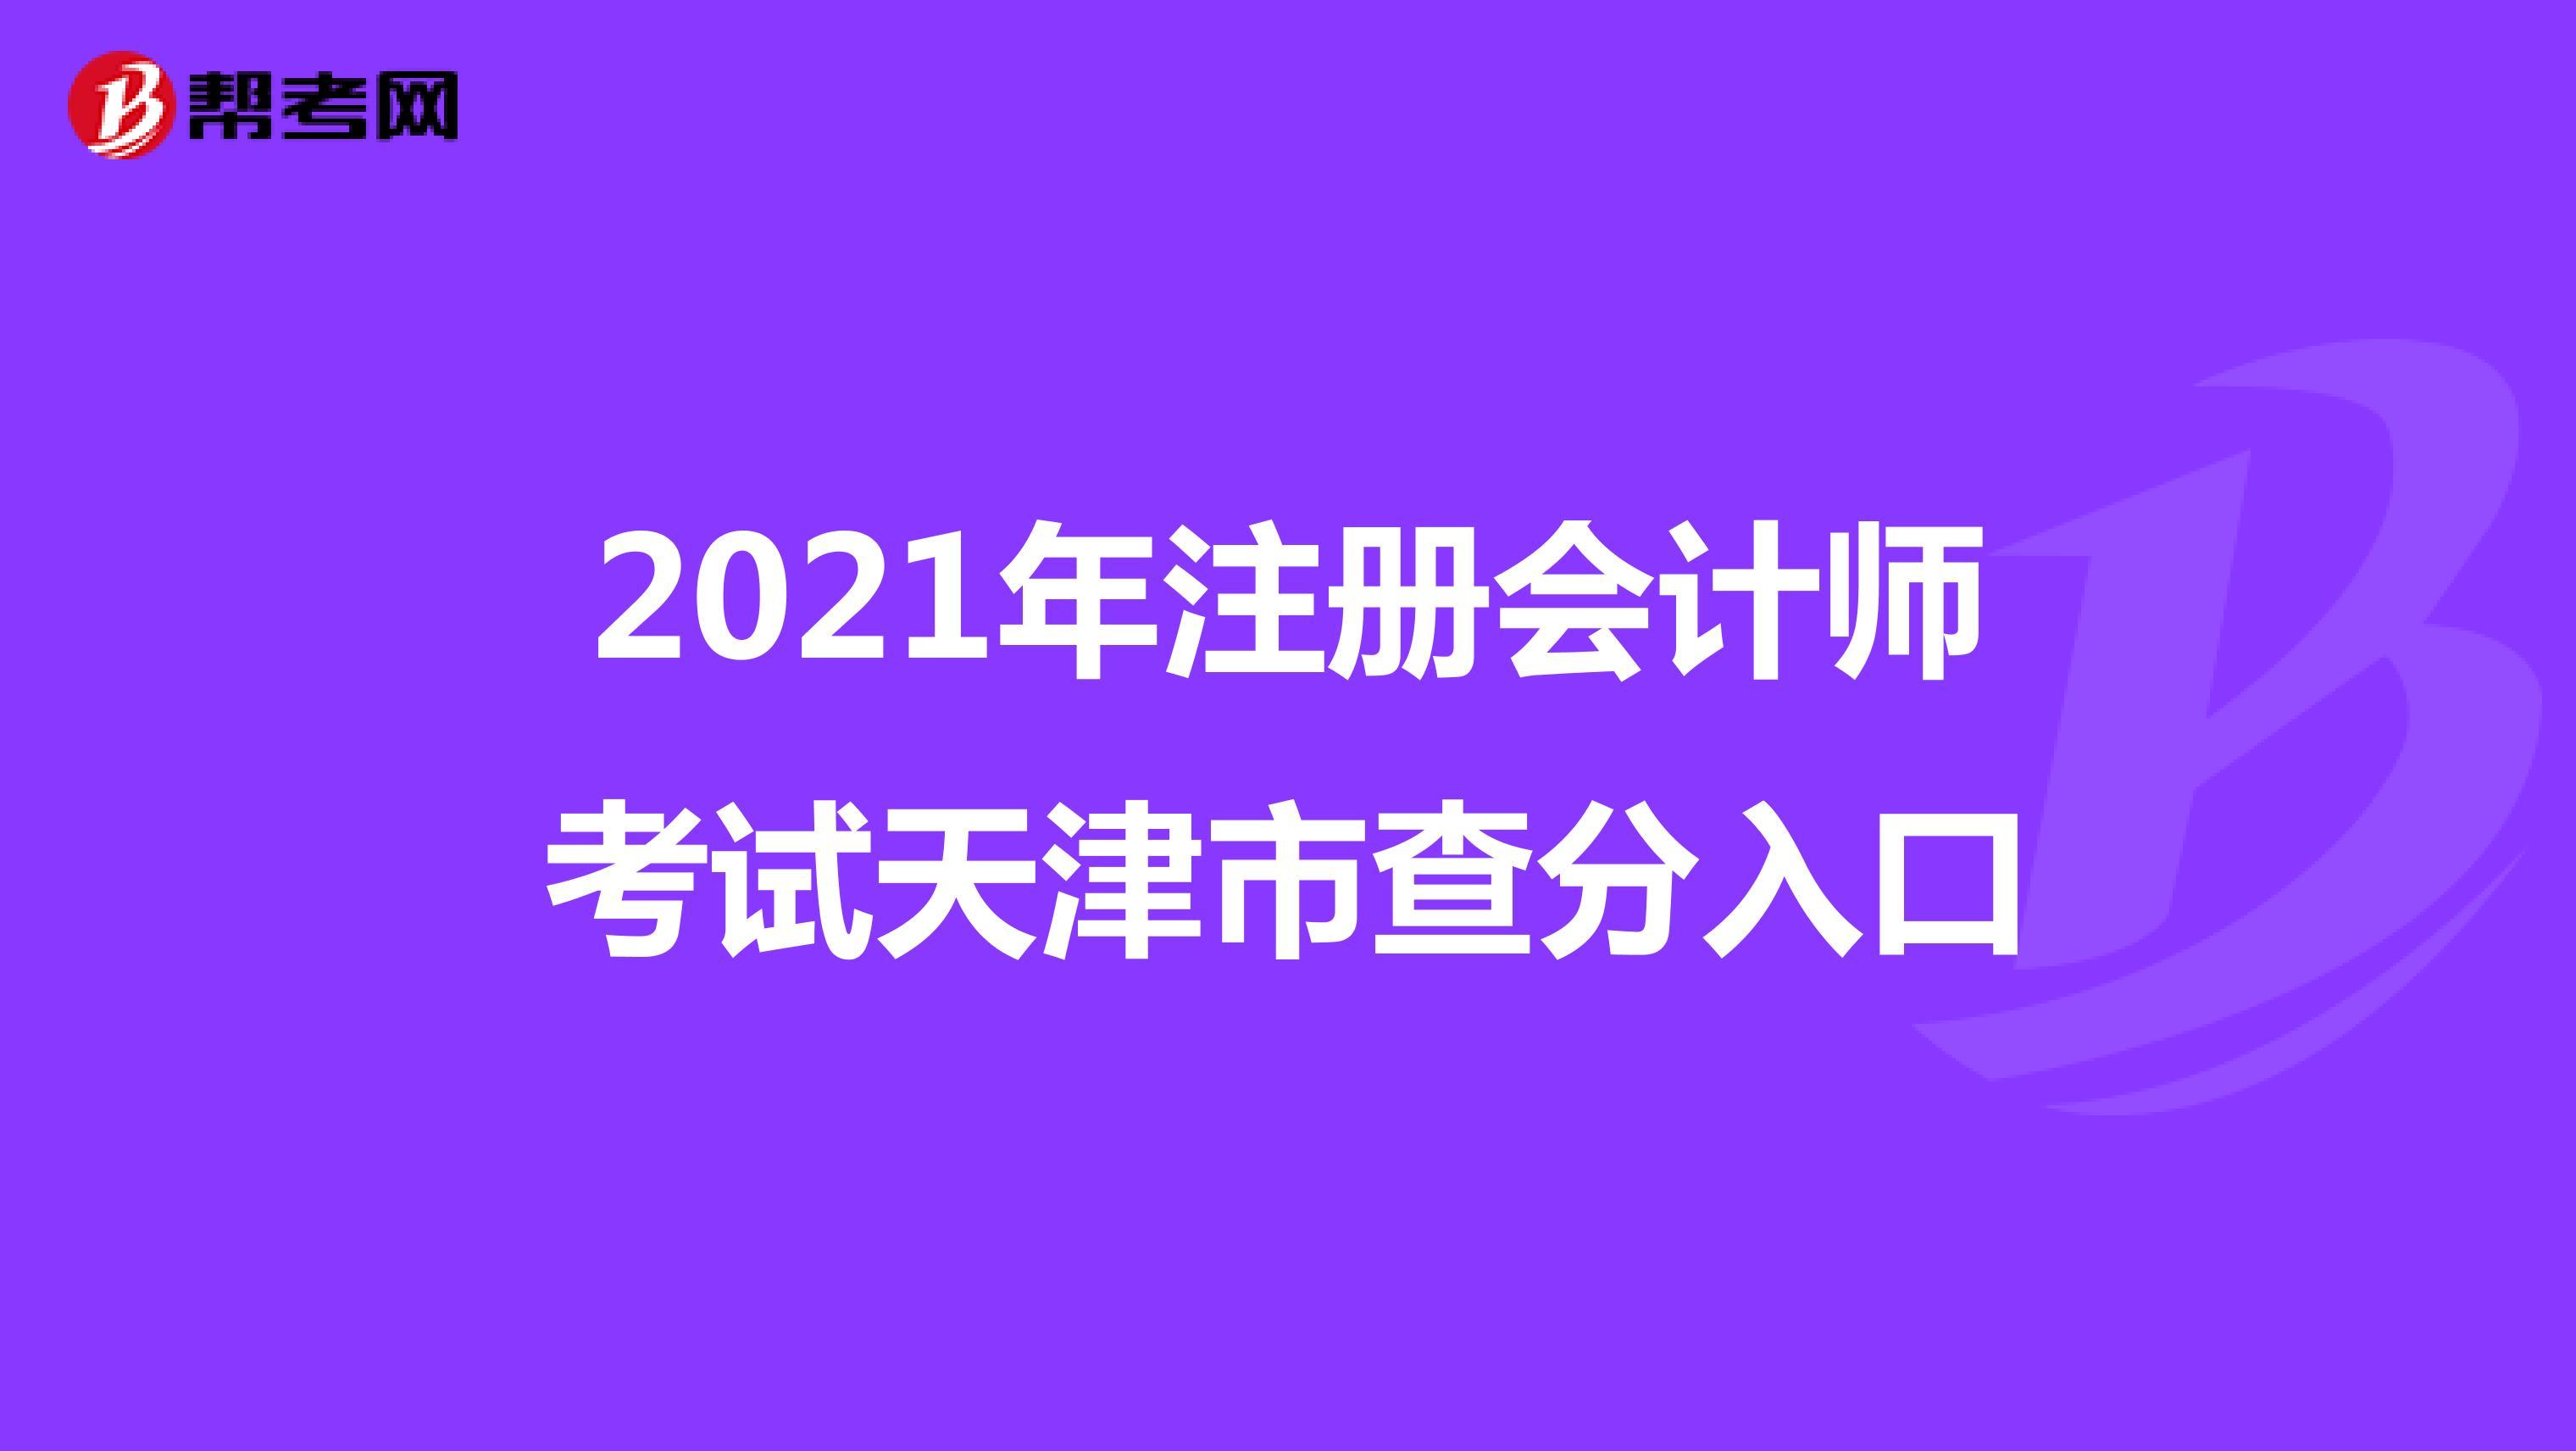 2021年注册会计师考试天津市查分入口